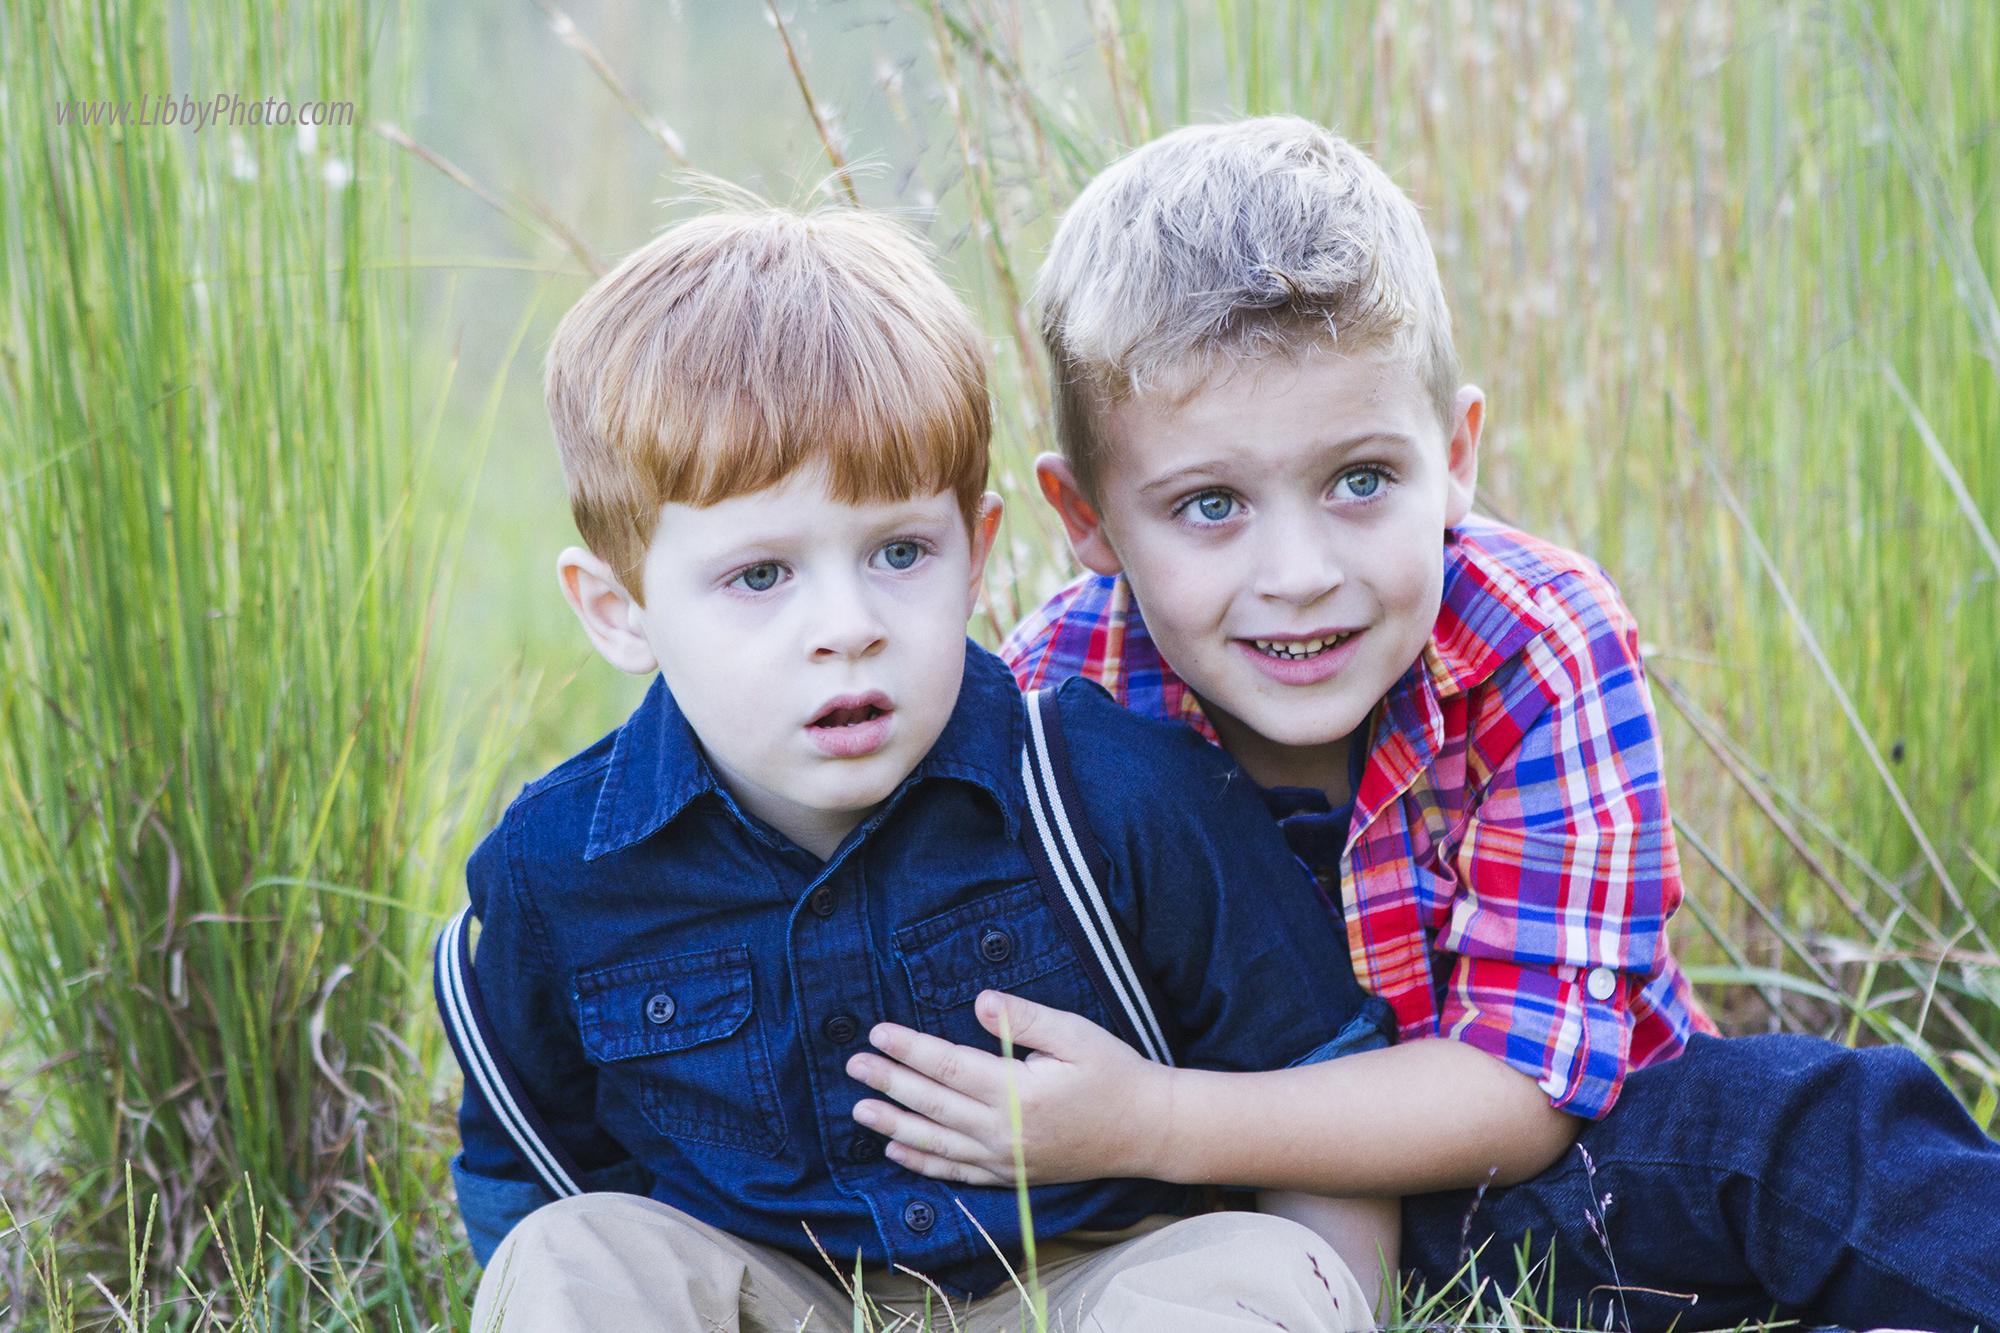 Atlanta family photography Libbyphoto (14).jpg